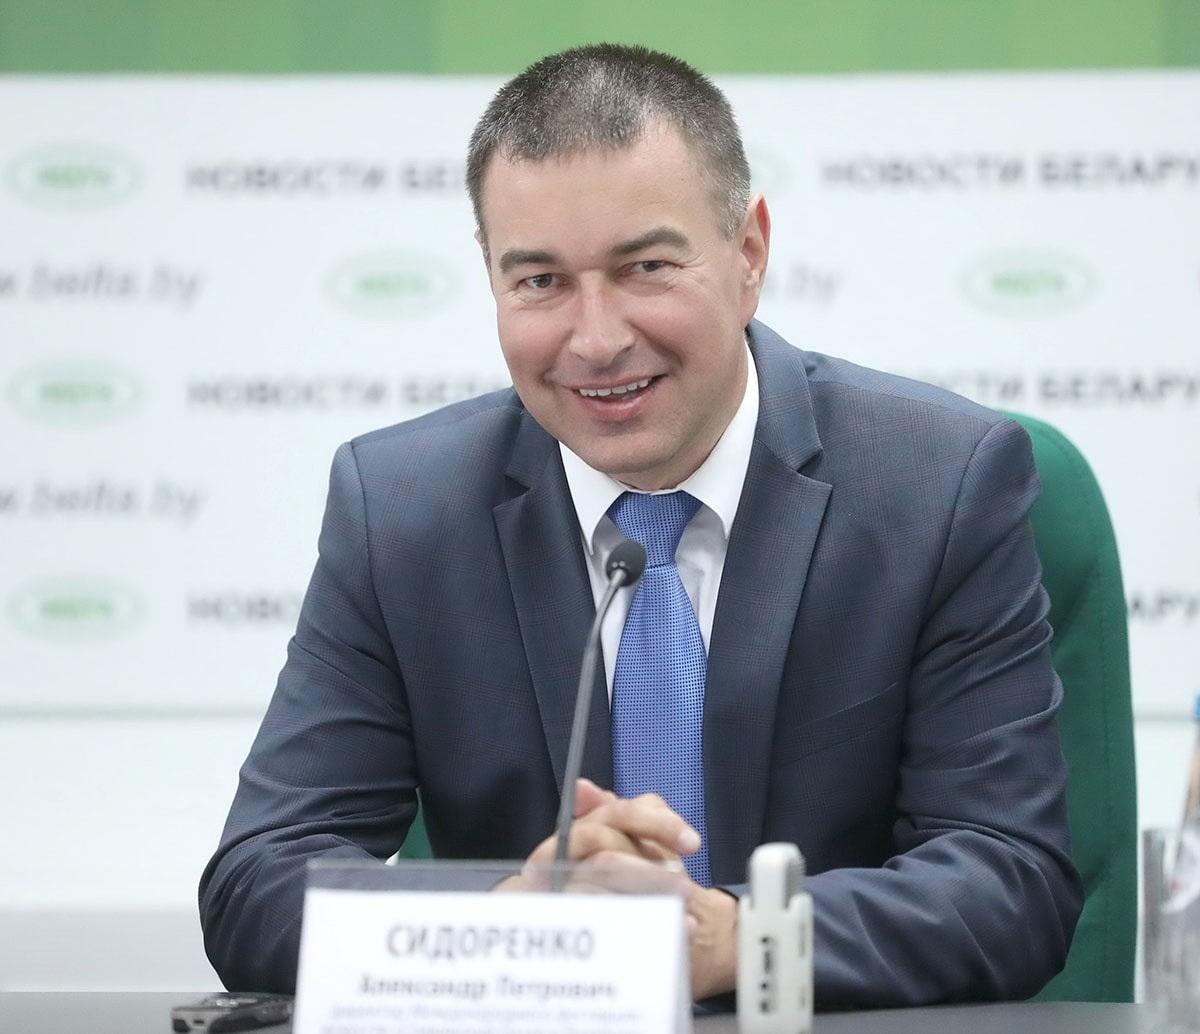 Лукашенко: авторитет республики Белоруссии намировой арене растет